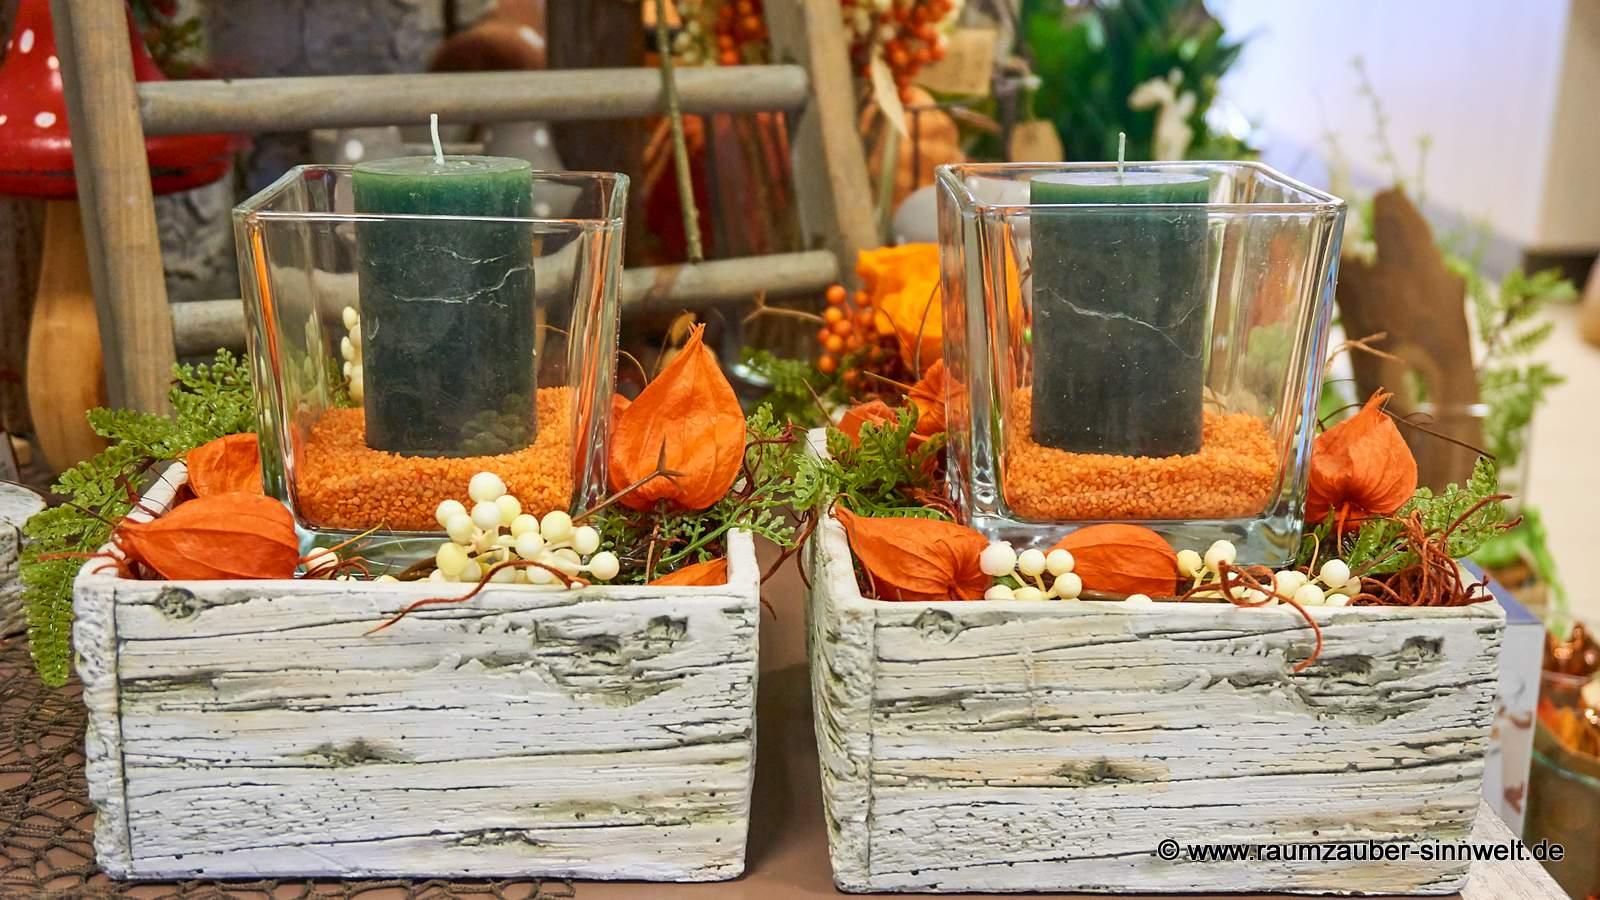 Kerzen in Glas und Birkenstein-Keramik mit herbstlicher Dekoration